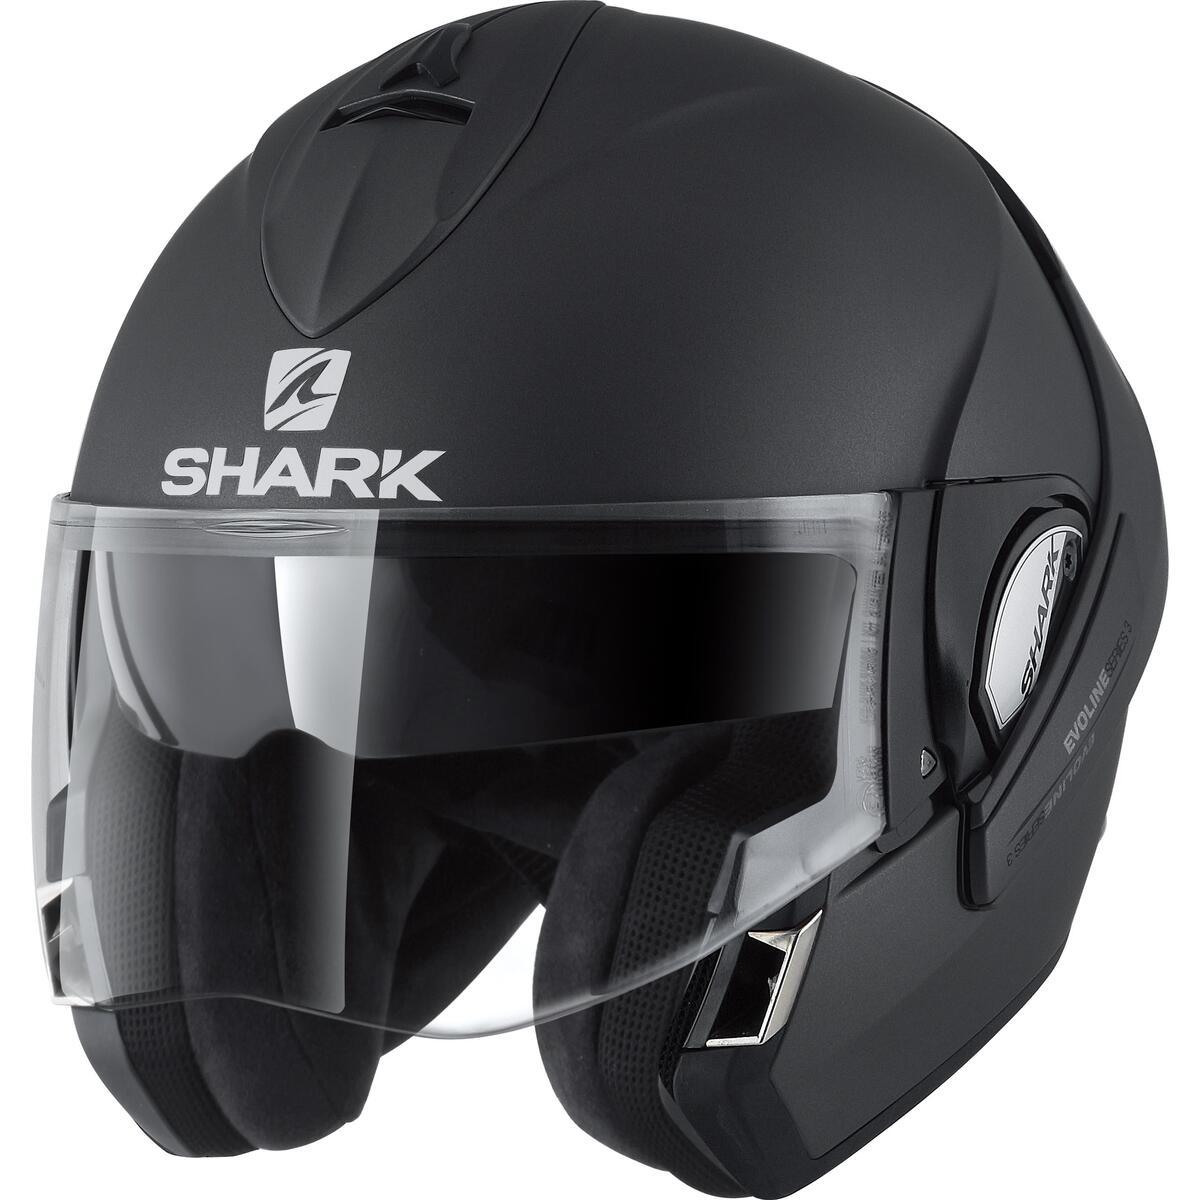 Bild 2 von Shark EvoLine Series 3 GT Klapphelm matt schwarz Größe XXL